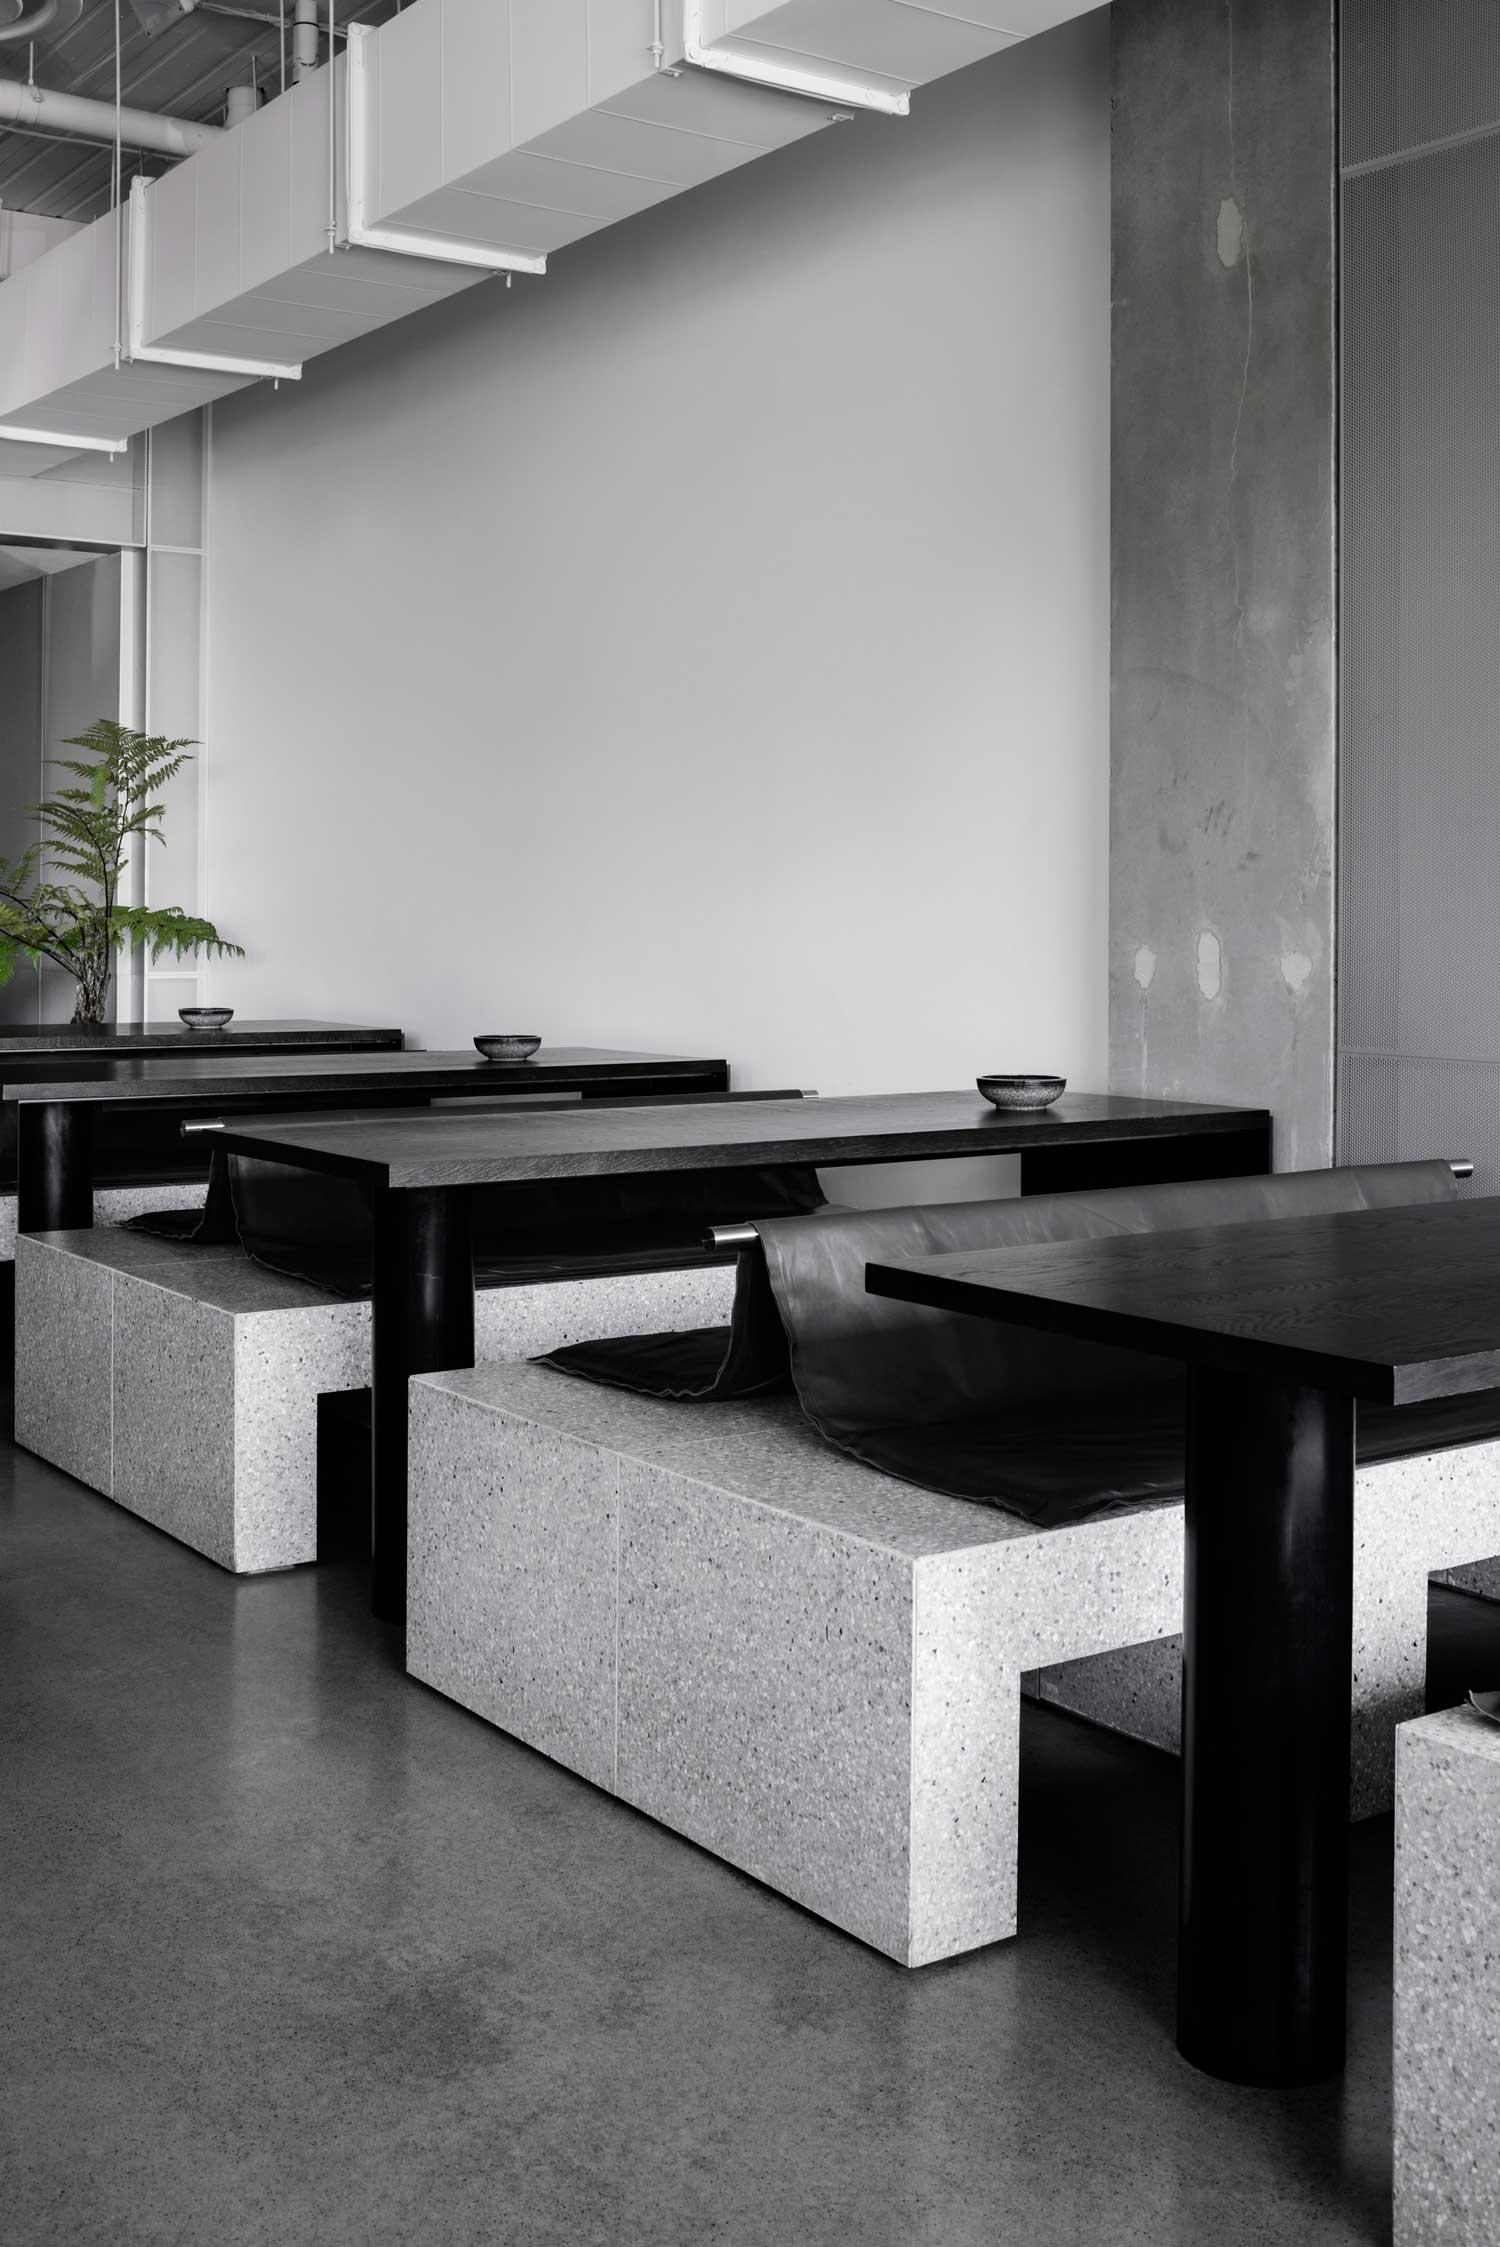 Ritz Penta Café essentially dre - barenbrug | ello